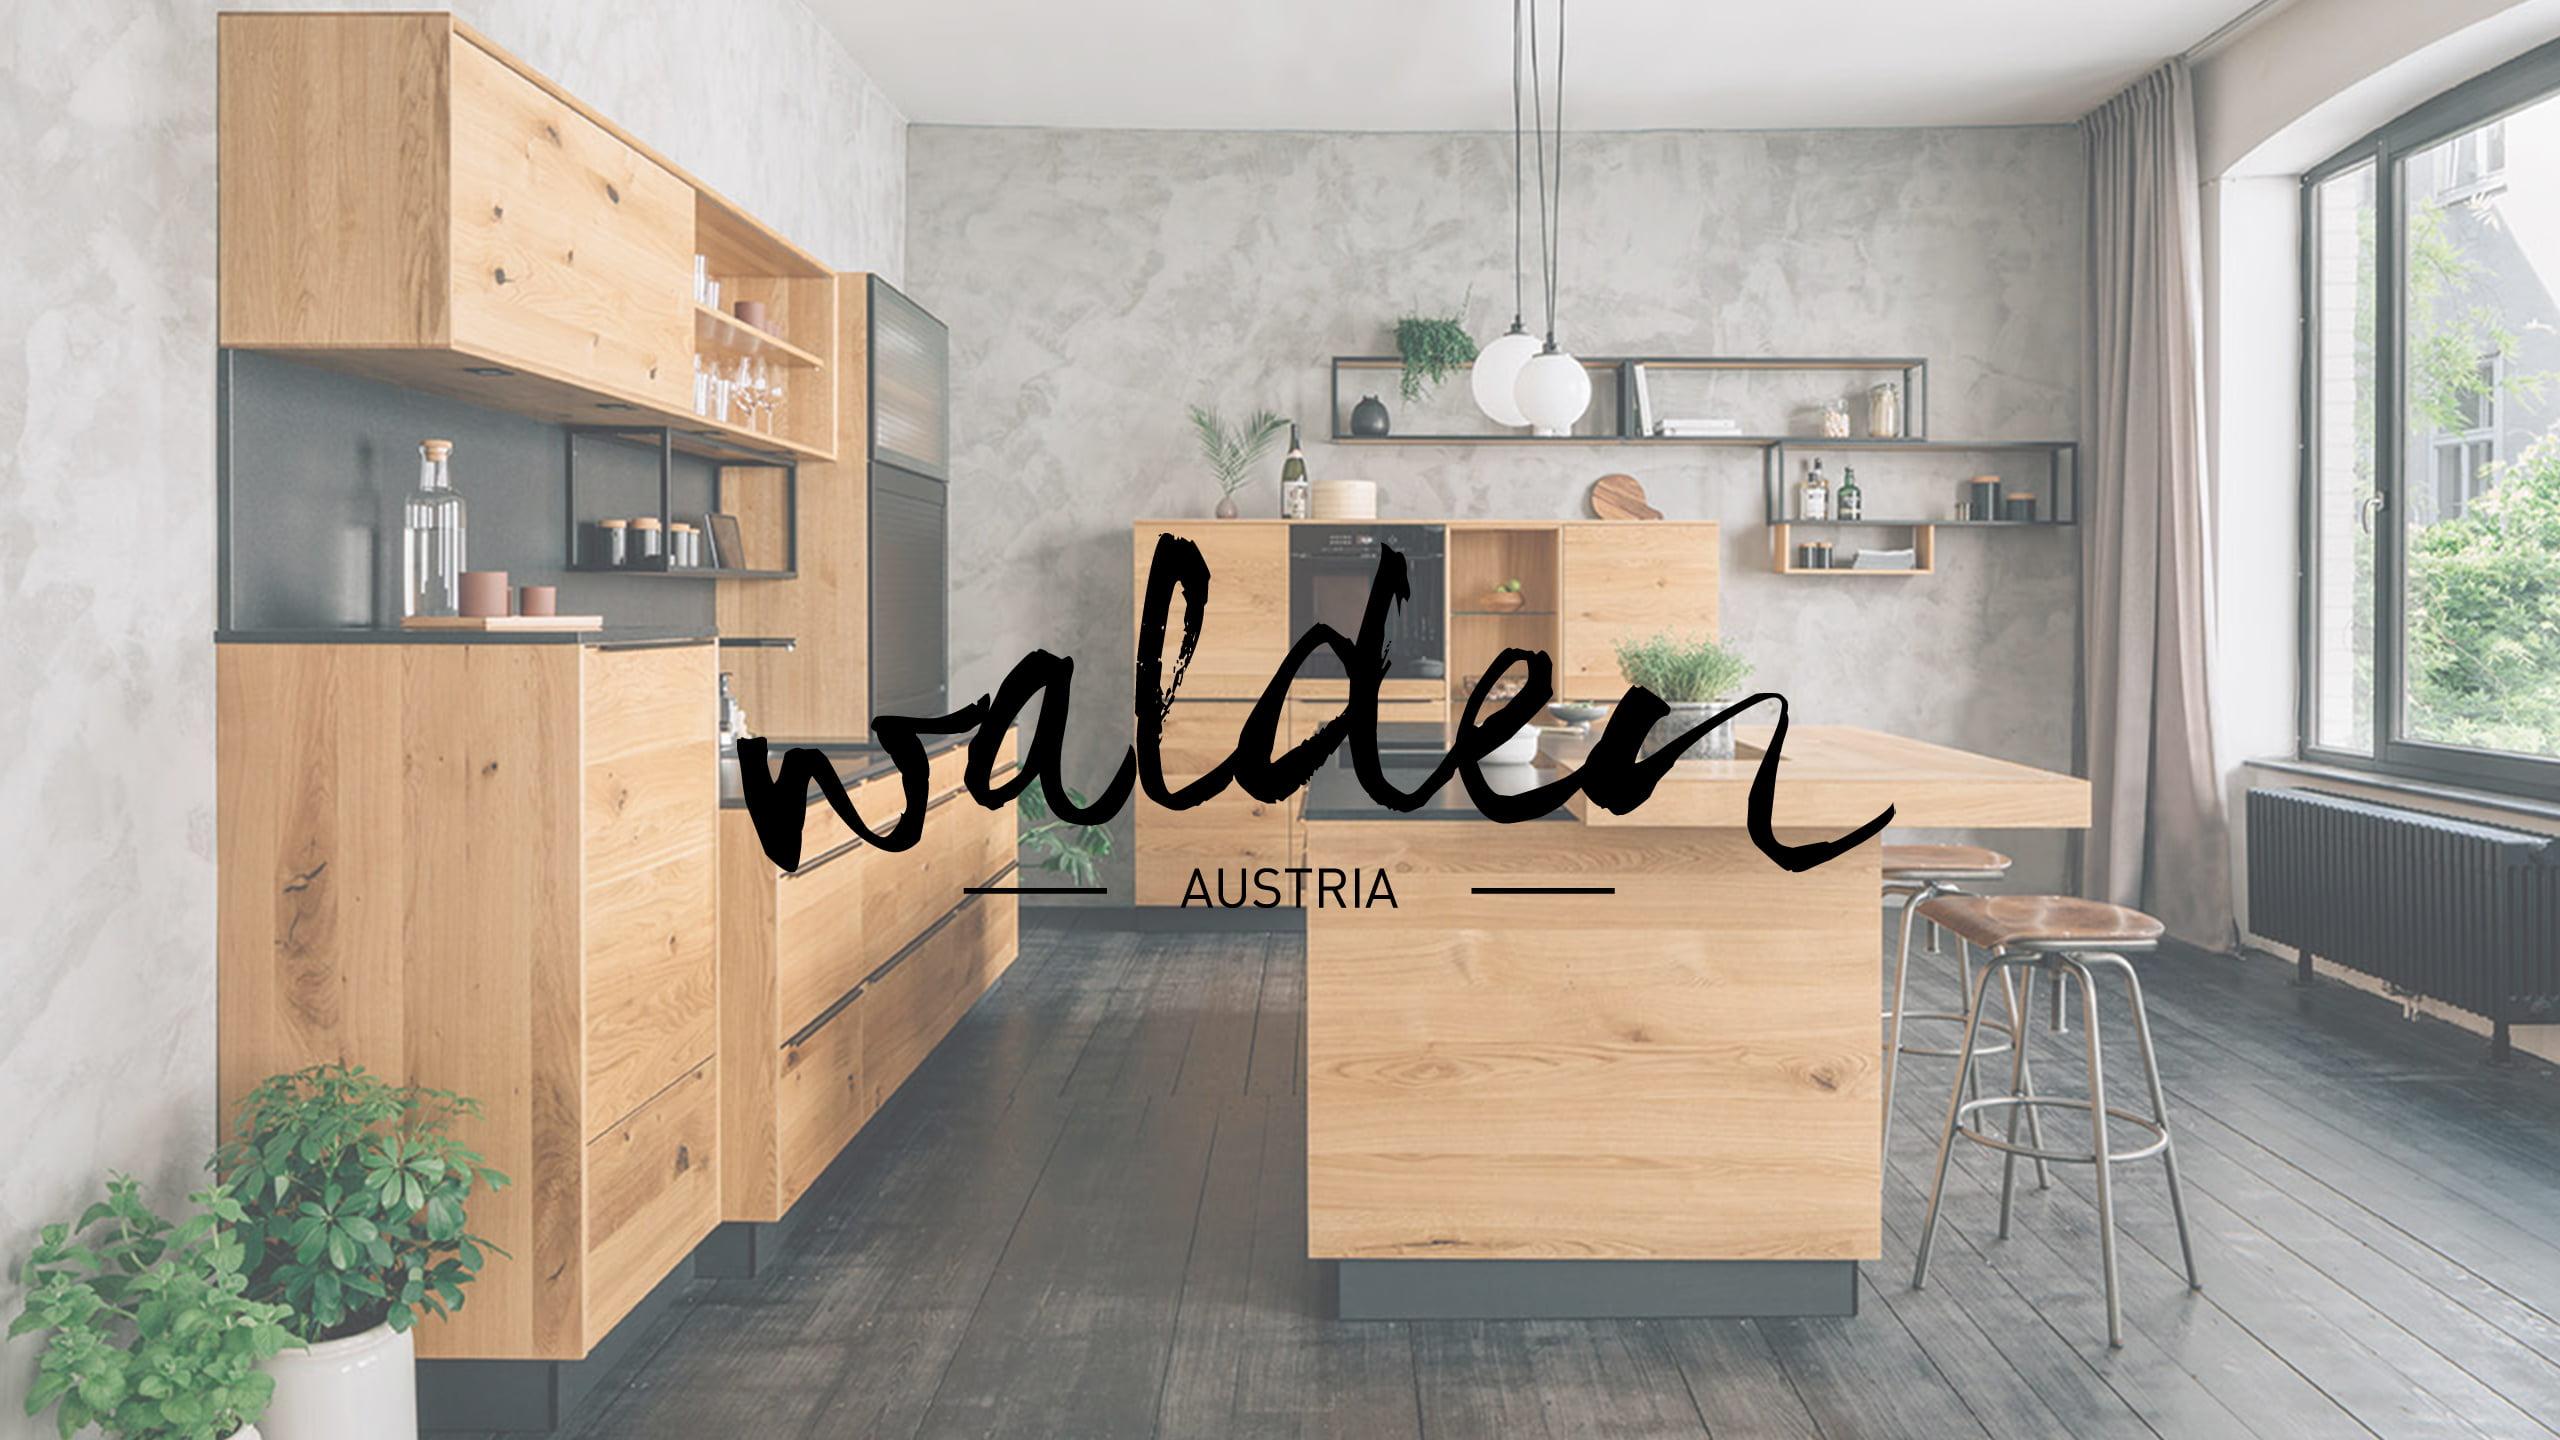 walden naturholzküche fourth mit walden logo